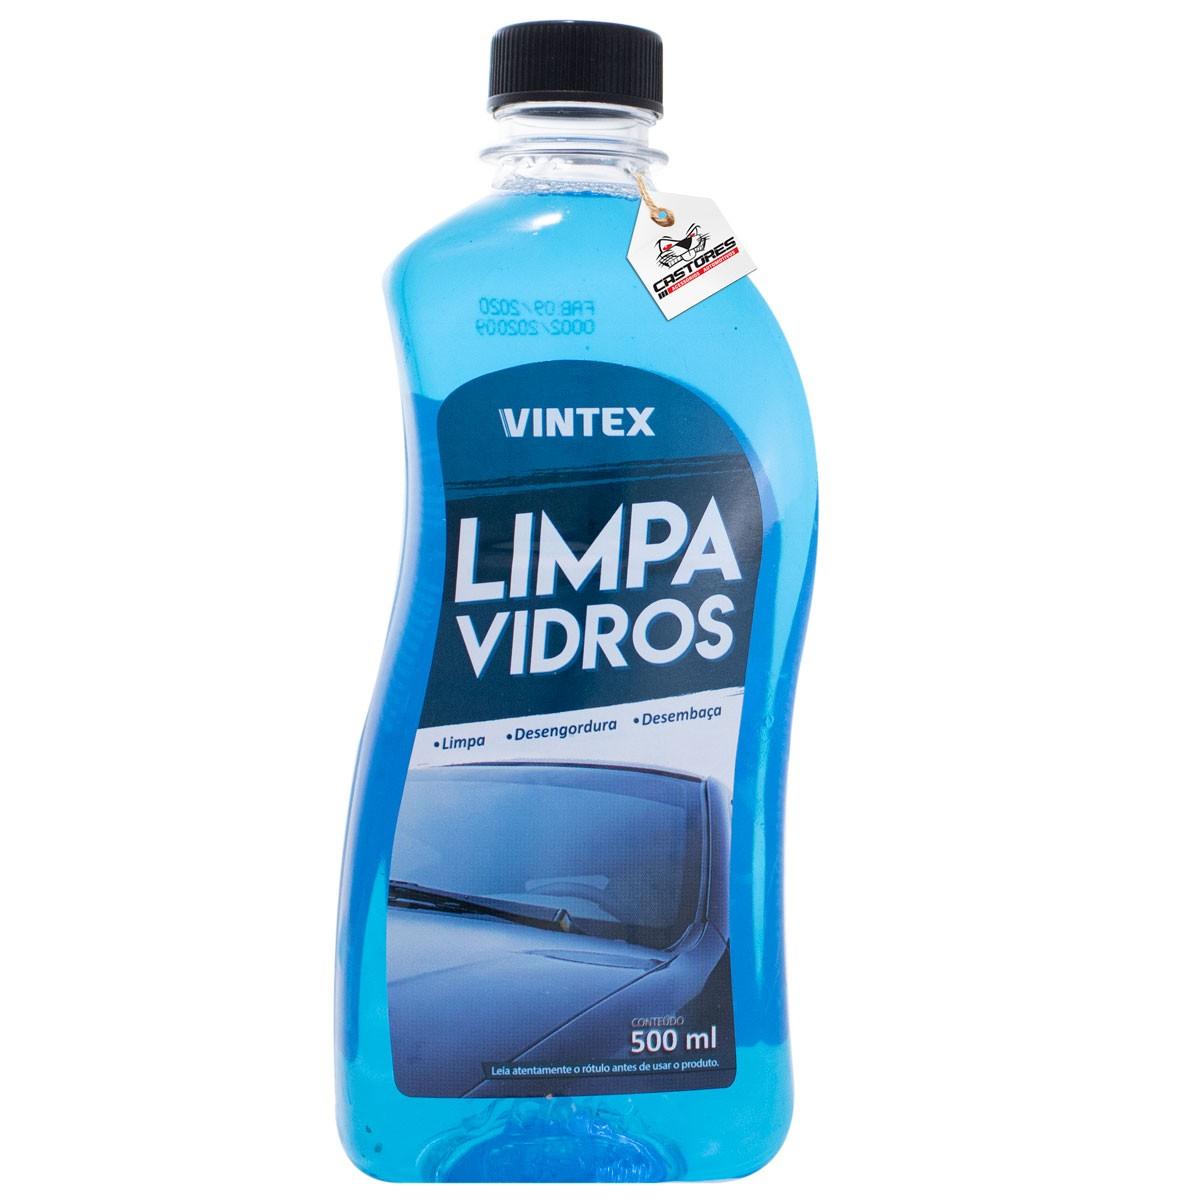 Limpa Vidros Vonixx 500ml